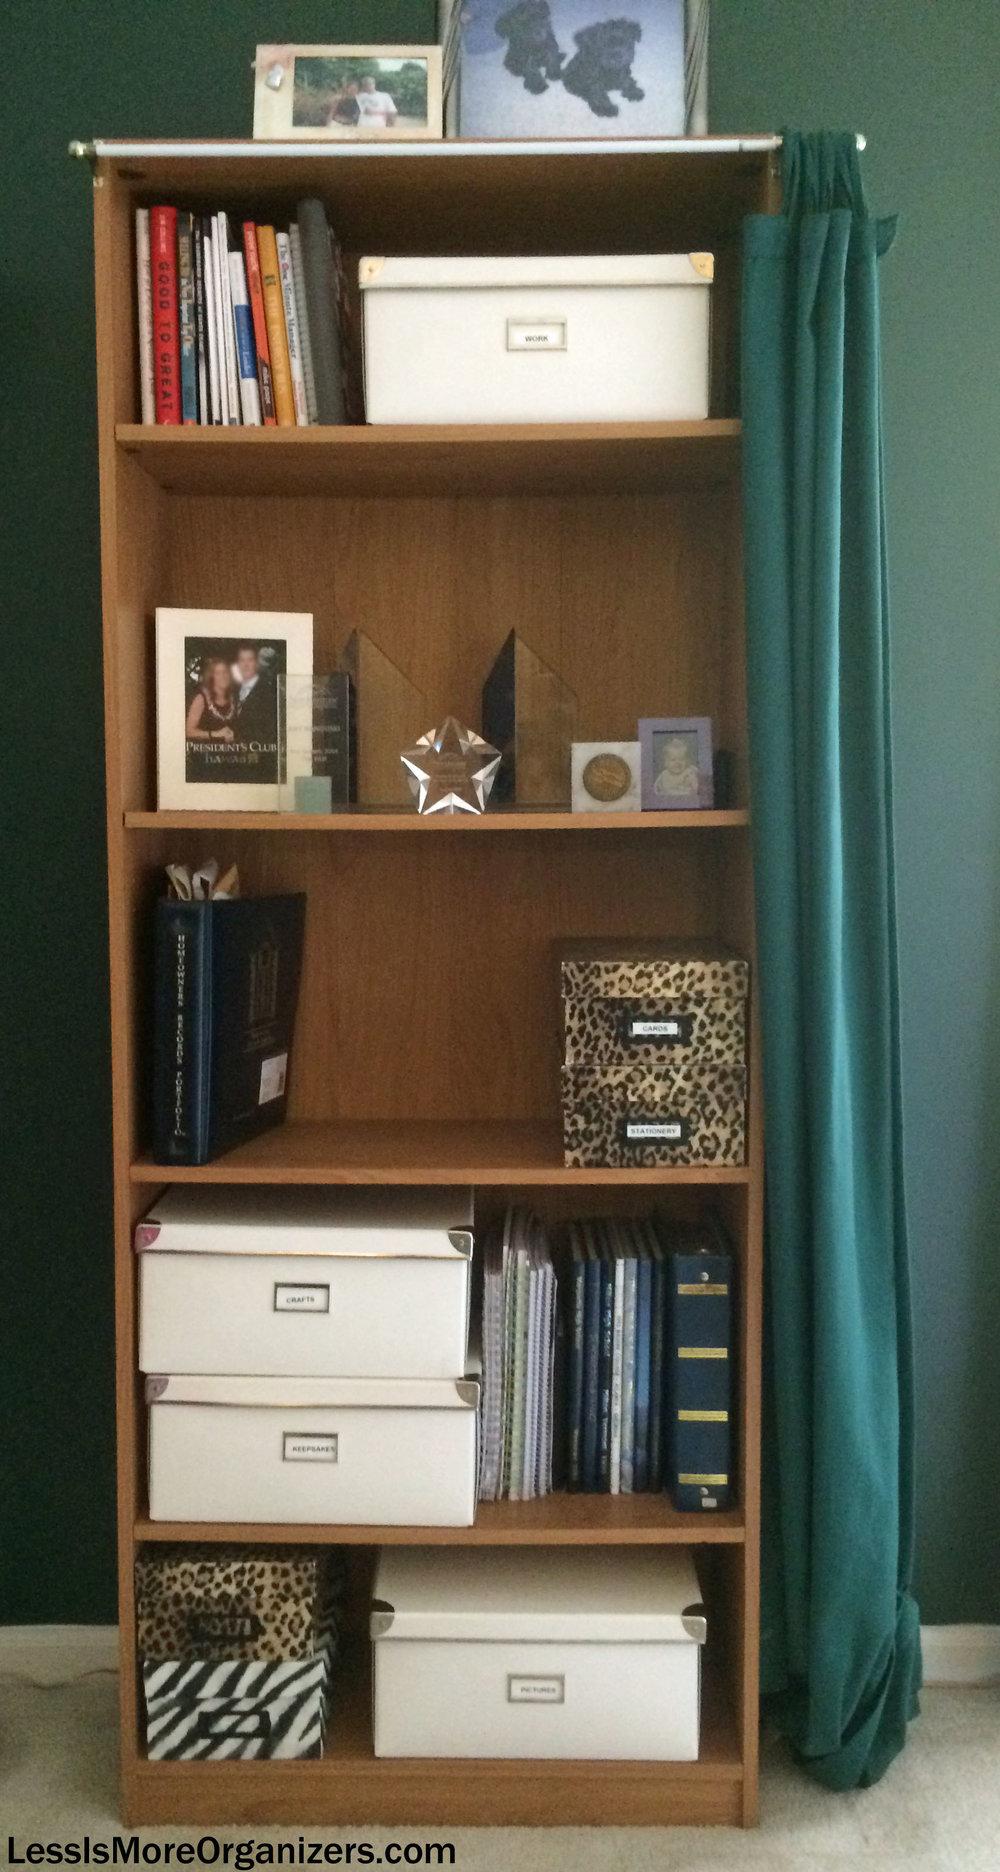 Office bookshelf Nicole.jpg